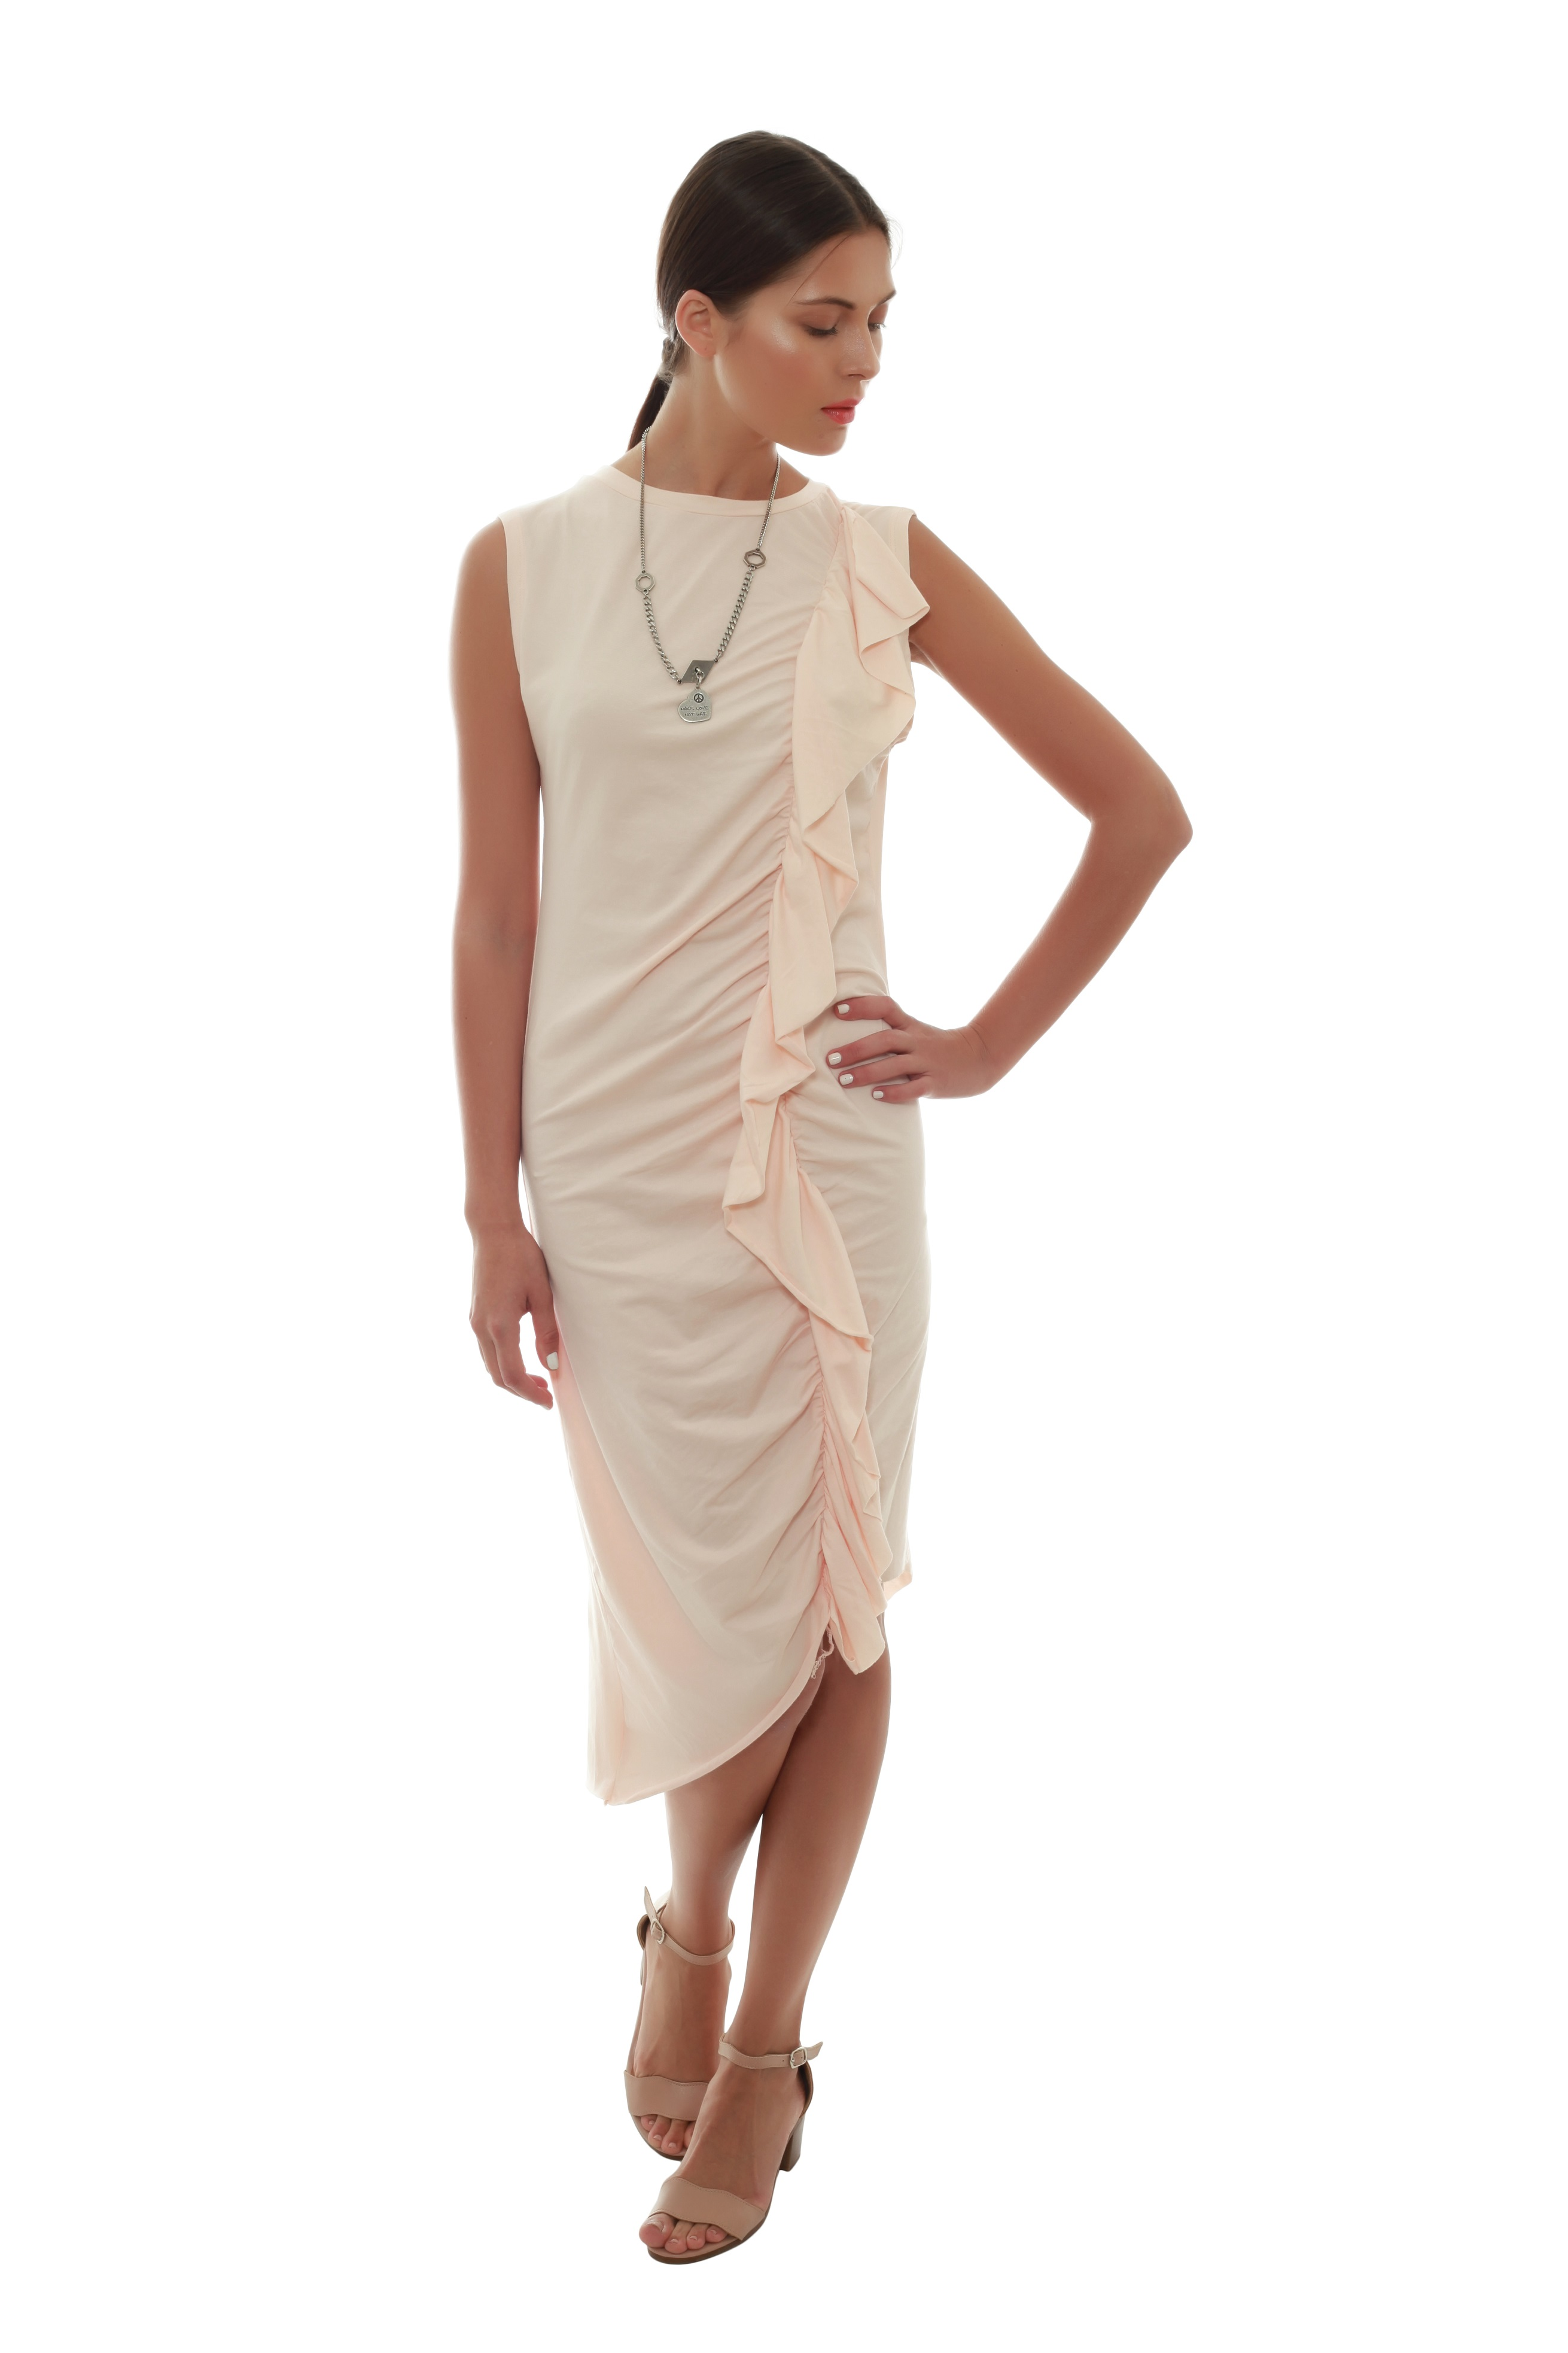 שמלת מלמלה, 79 שח, להשיג ברשת קמדן אנד שוז ובאתר www.Camden.co.il, צלם אושרי תורתי